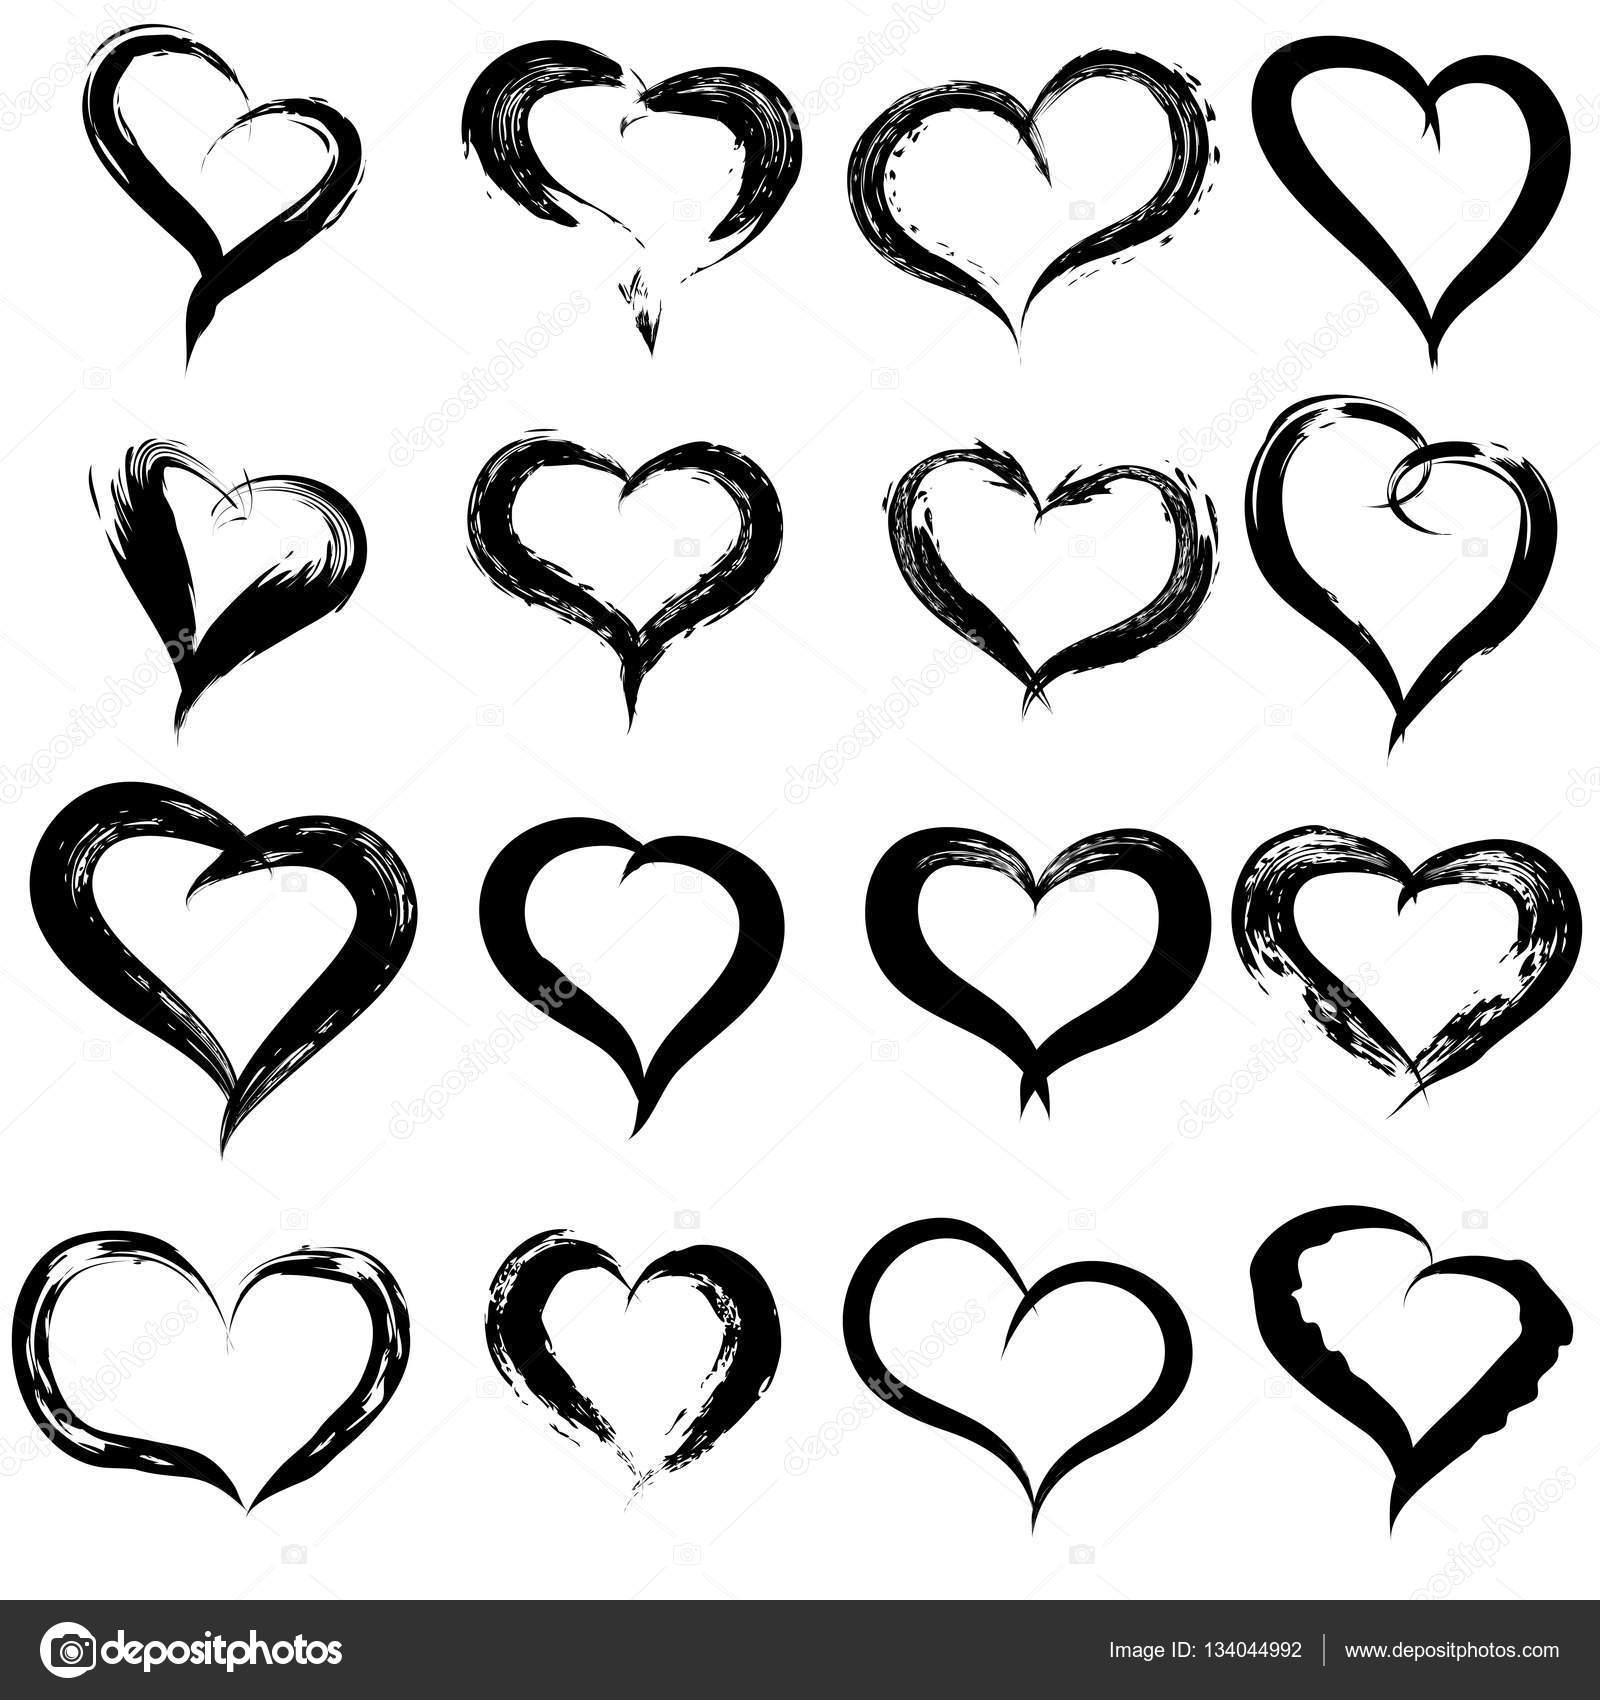 Boyalı Kalp şekilleri Stok Foto Design36 134044992